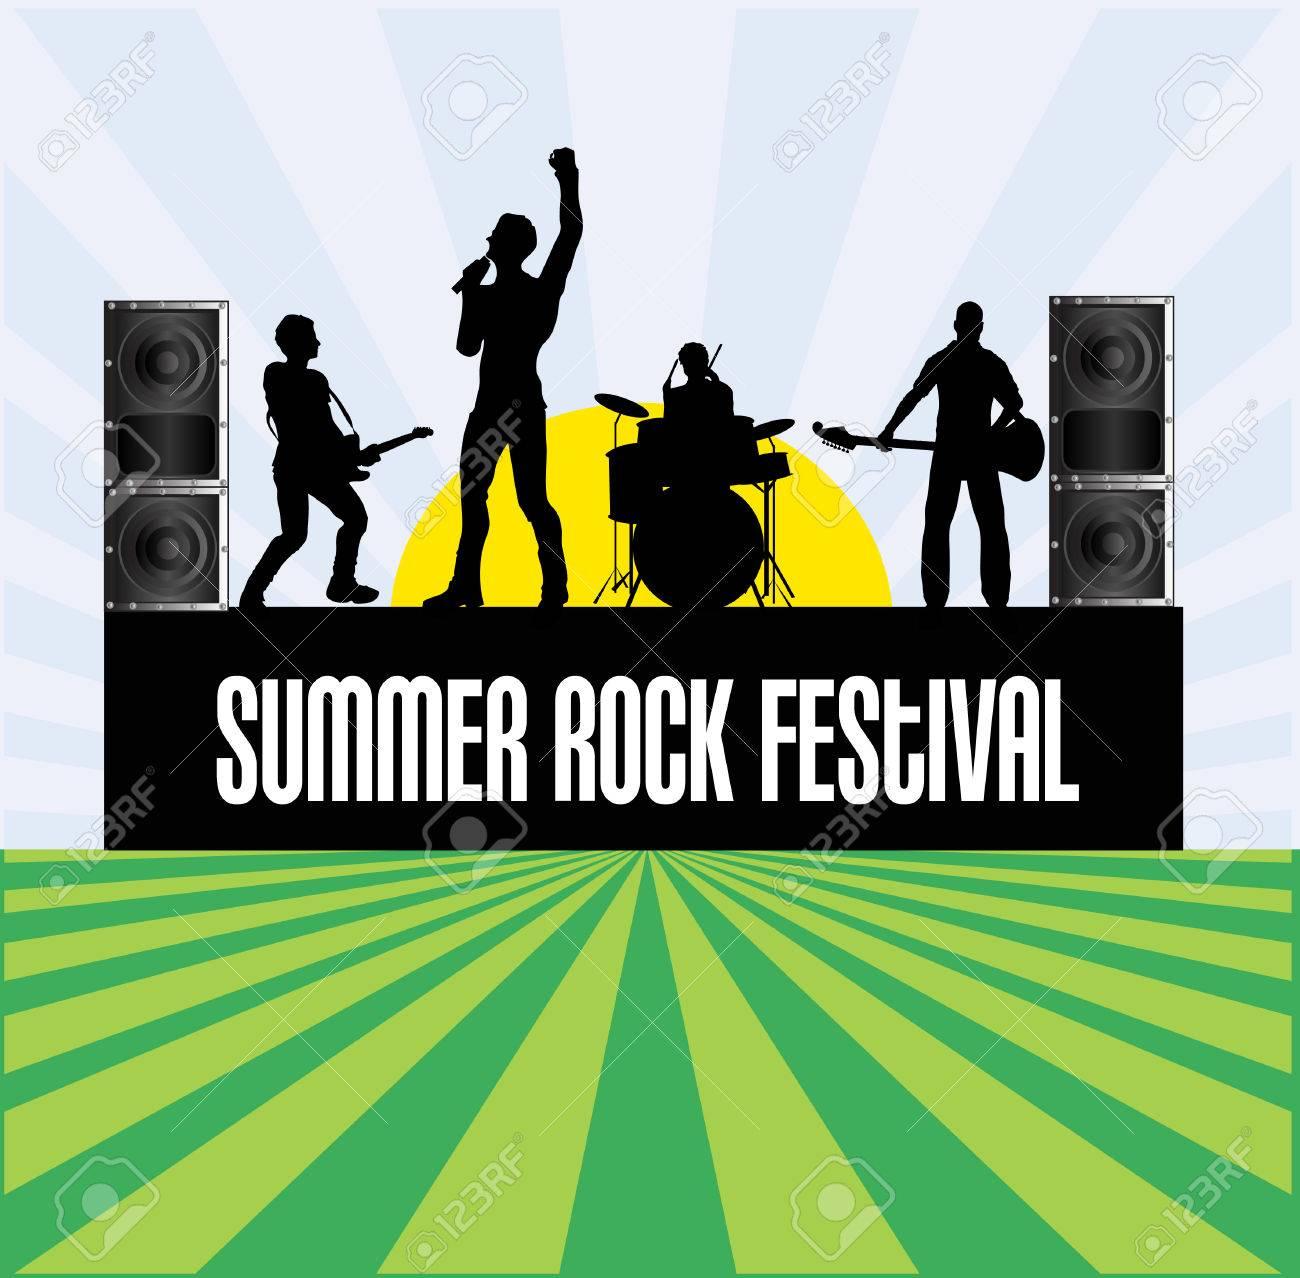 Summer Rock Festival Flyer Stock Vector - 4671243